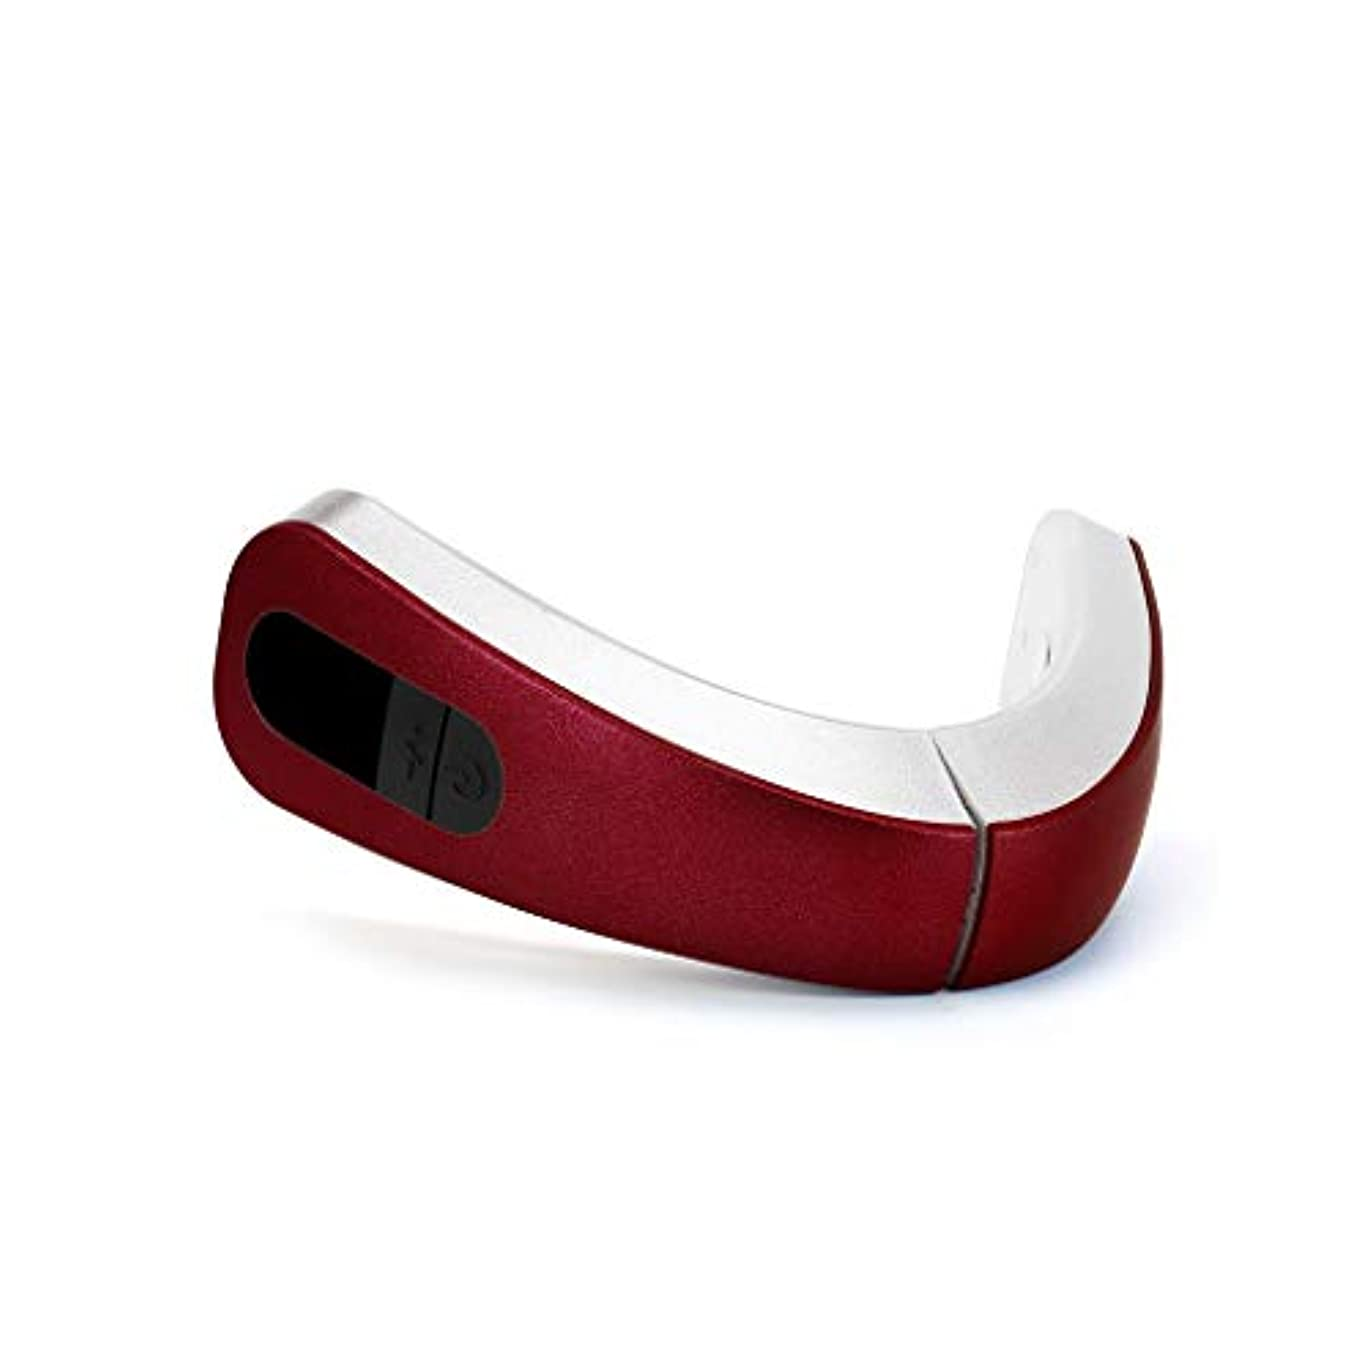 リフティングフェイシャル、電気マッサージ美容器具、リフティングファーミングファットディゾルビングシンフェイスシンダブルチンシンフェイス、4つのマッサージモードがあります (Color : Red)